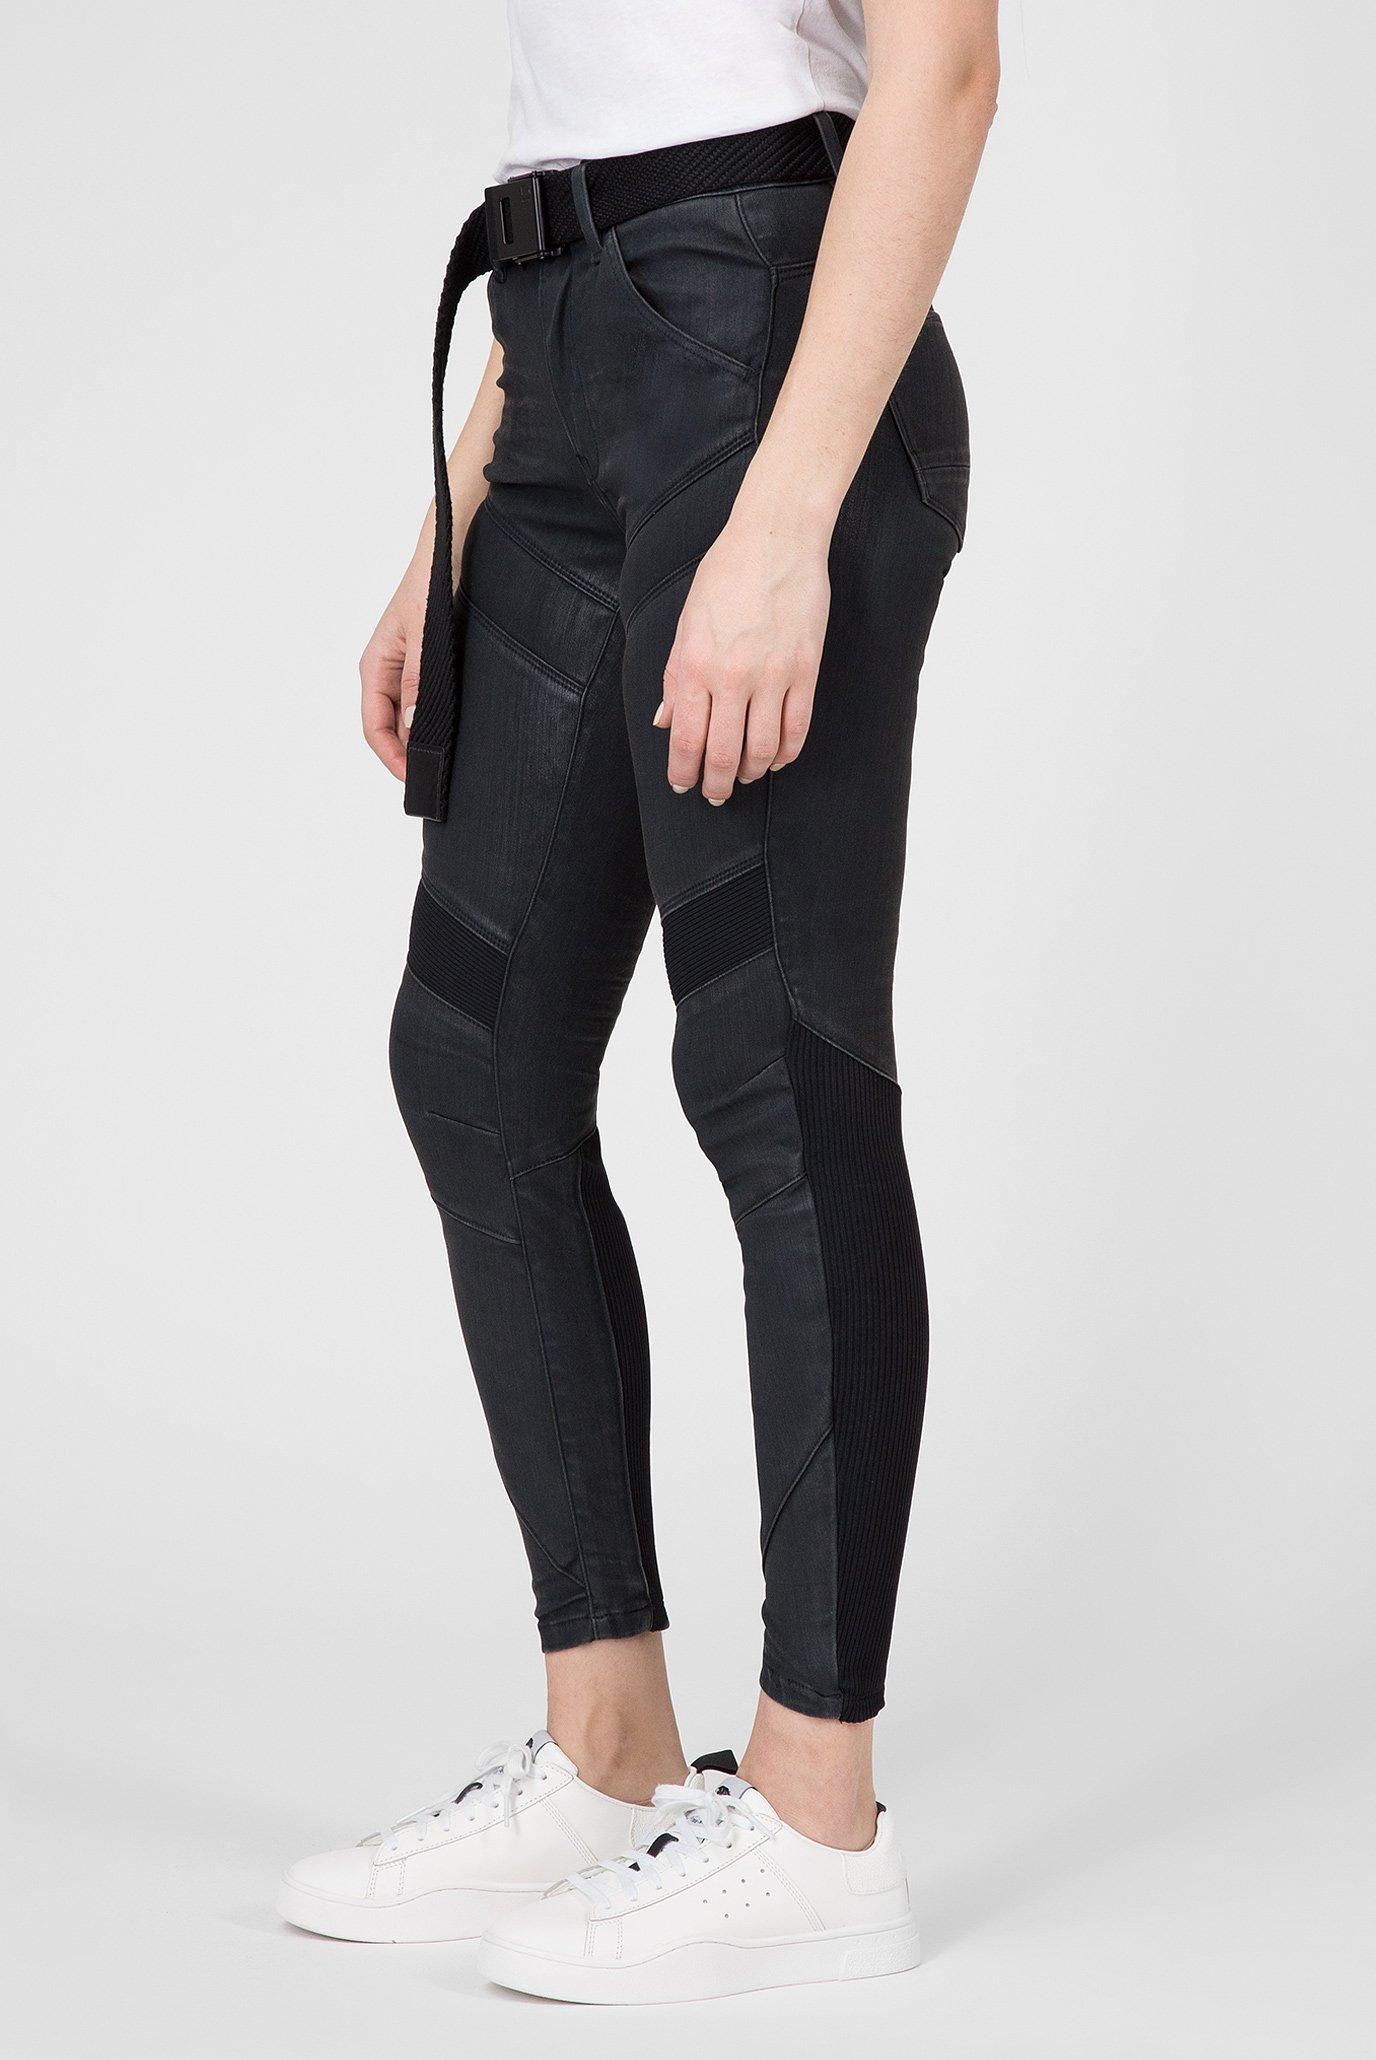 Купить Женские черные джинсы Motac-X D-3D  G-Star RAW G-Star RAW D07436,9142 – Киев, Украина. Цены в интернет магазине MD Fashion